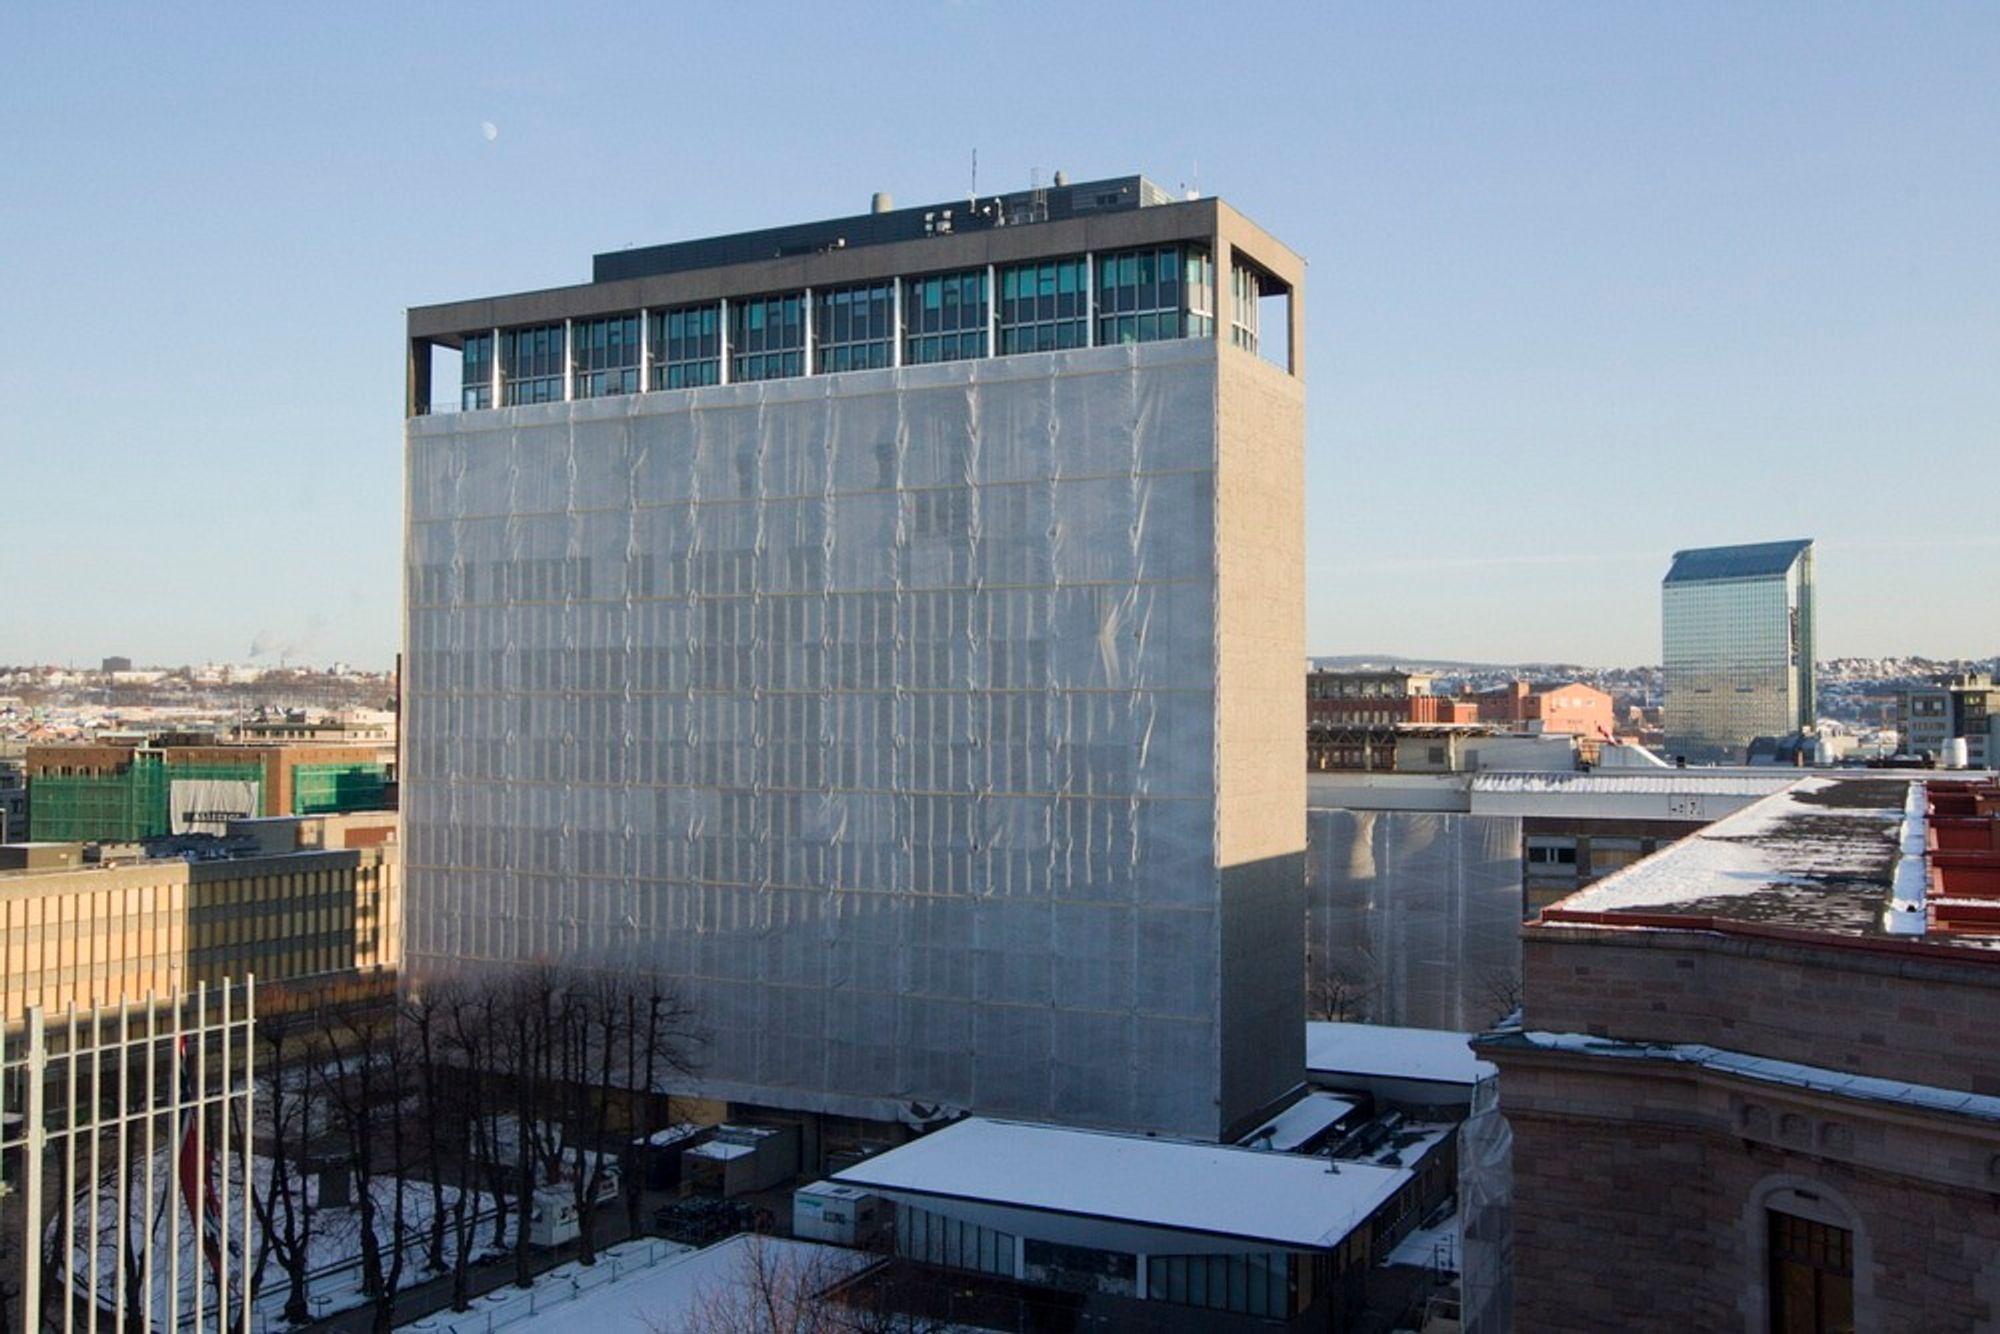 Det er ennå ikke besluttet om Høyblokka skal rives eller ikke. Om det blir riving anbefaler AF Decom bruk av spesialgravemaskin.